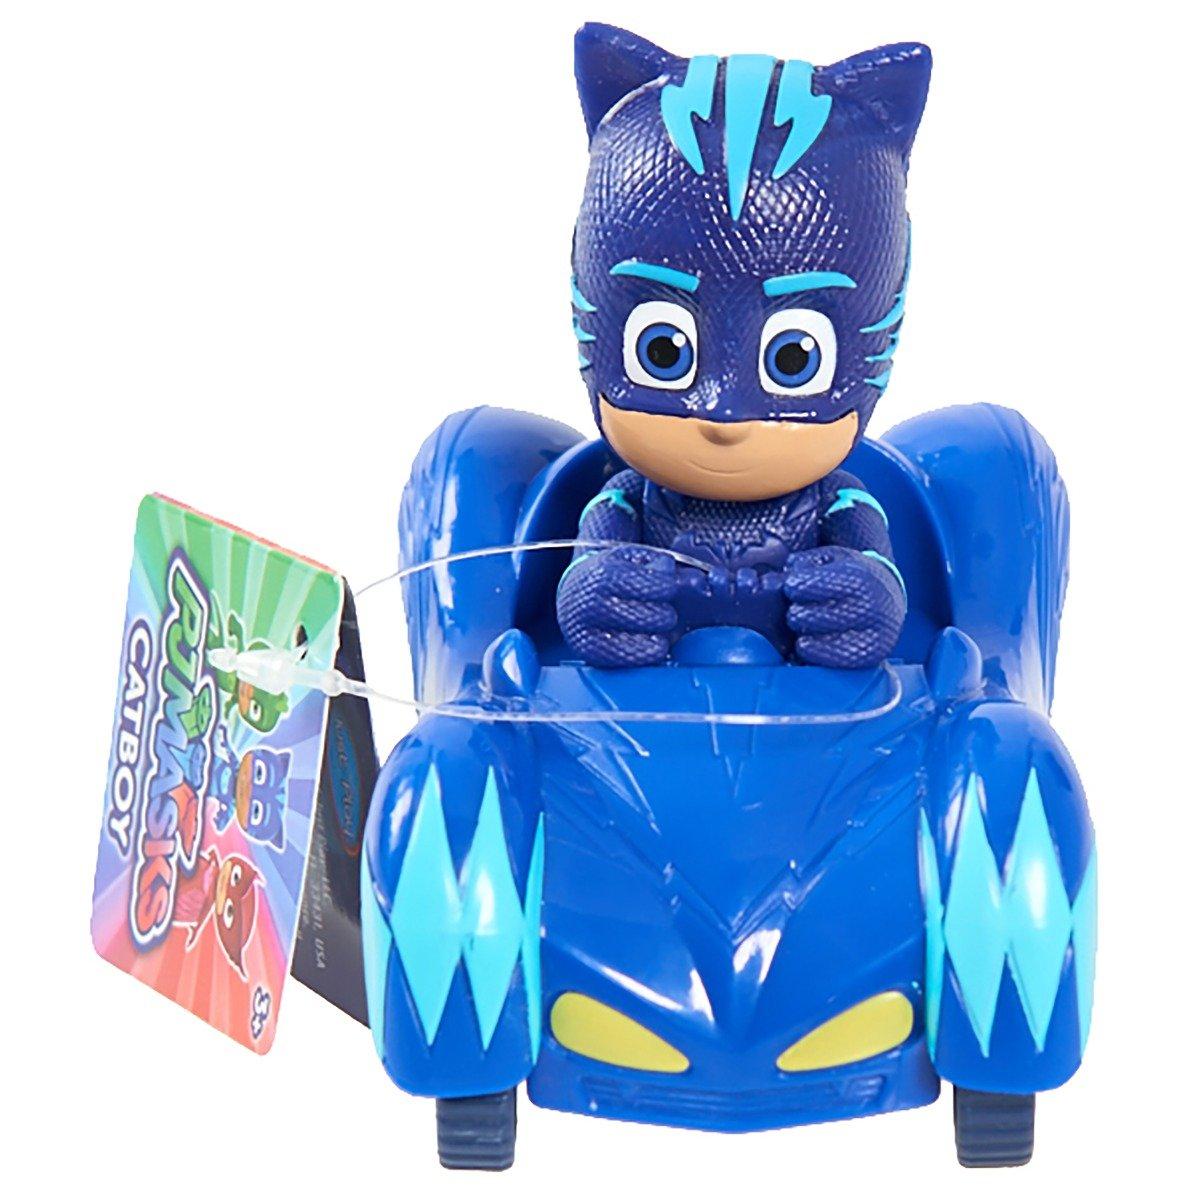 Figurina cu masinuta PJ Masks Pisoi PJ24630P